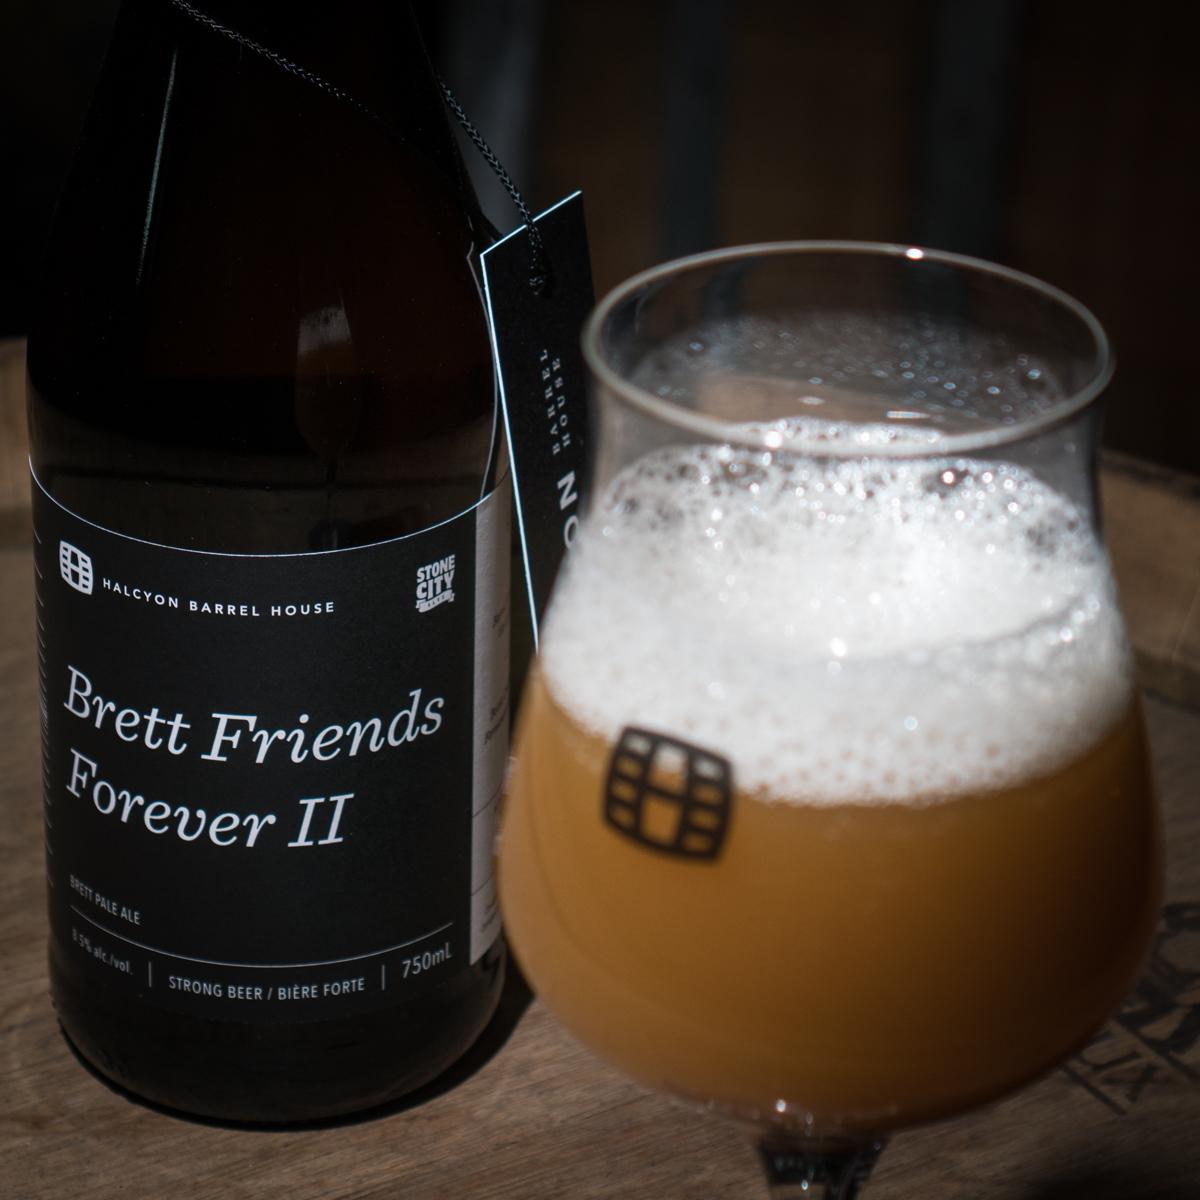 brett friends forever-2.jpg